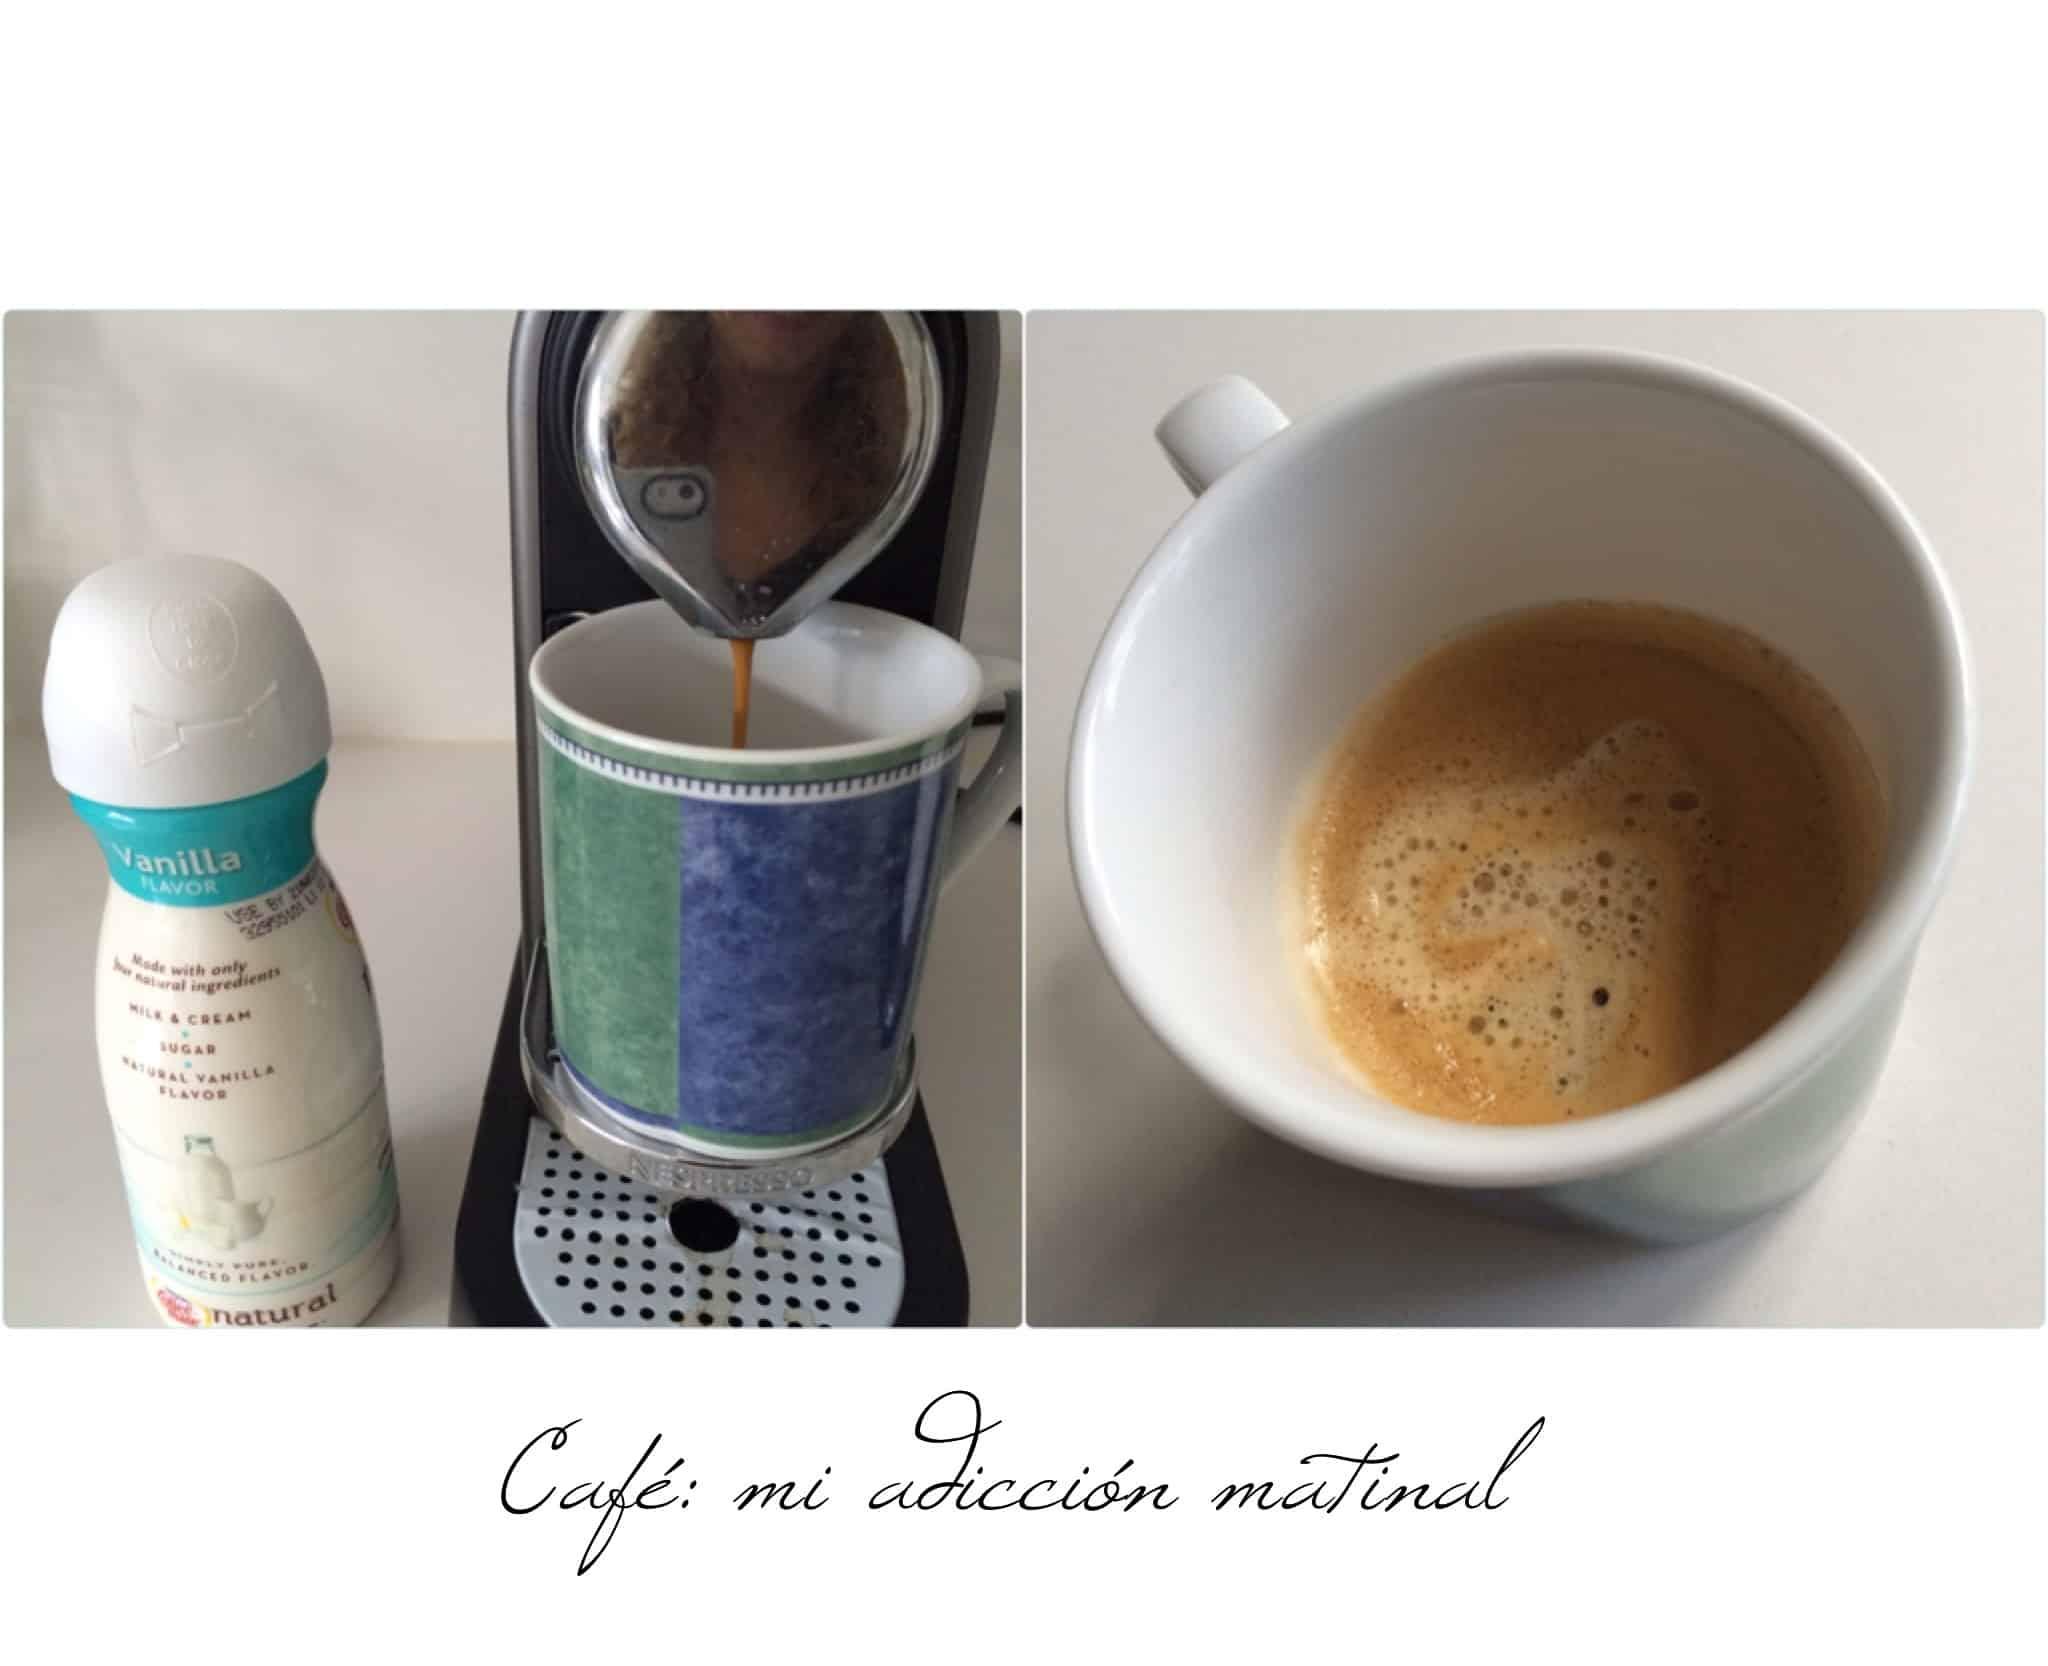 Café: mi adicción